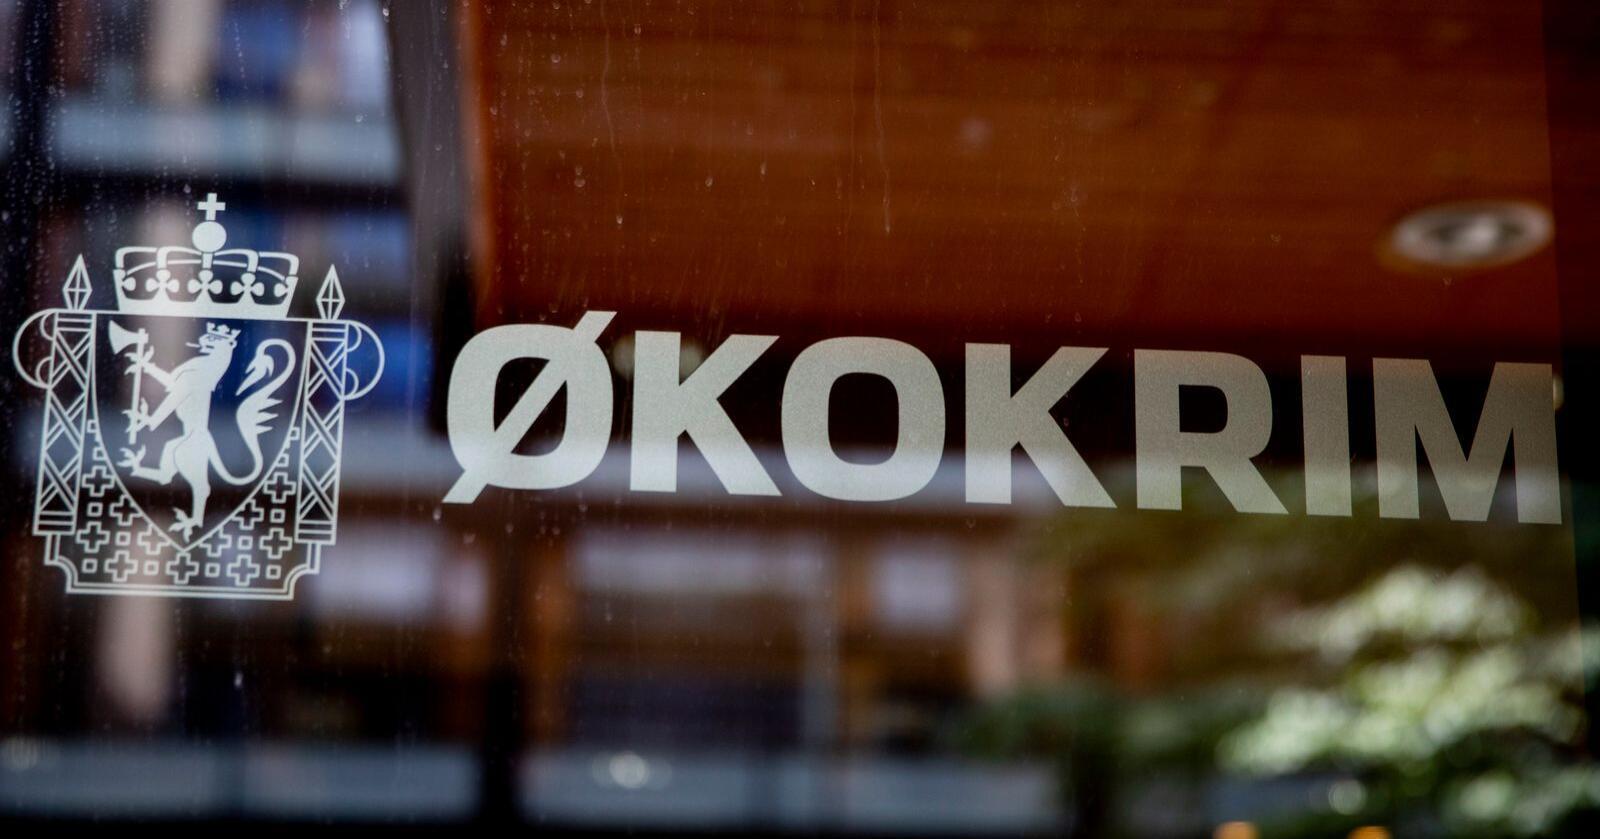 Økokrim vil legge frem en omfattende mengde med dokumenter i korrupsjonssaken som starter 23. september. Foto: Tore Meek / NTB scanpix